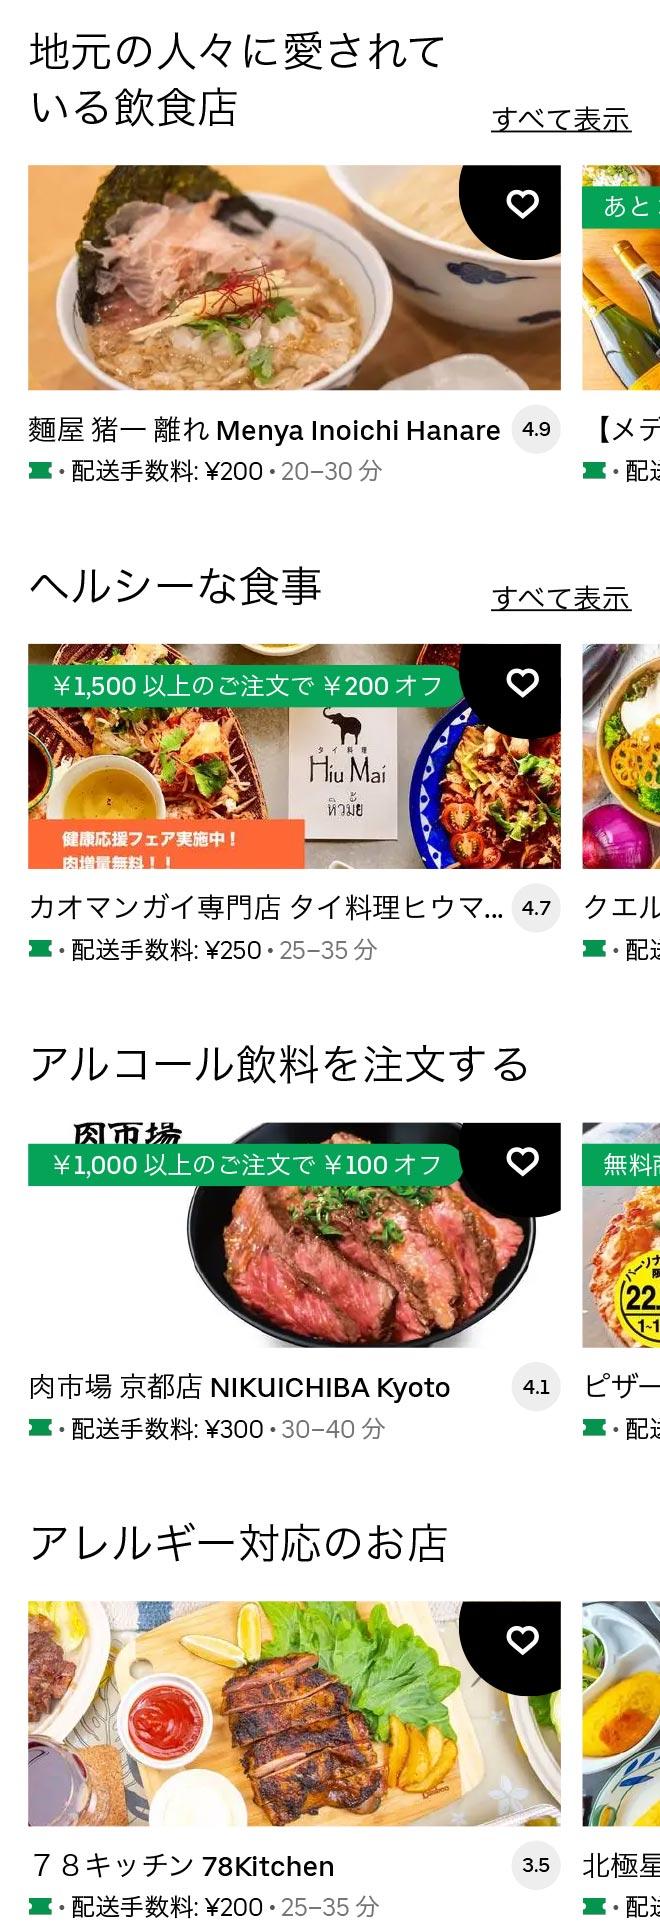 U kyoto 2105 03